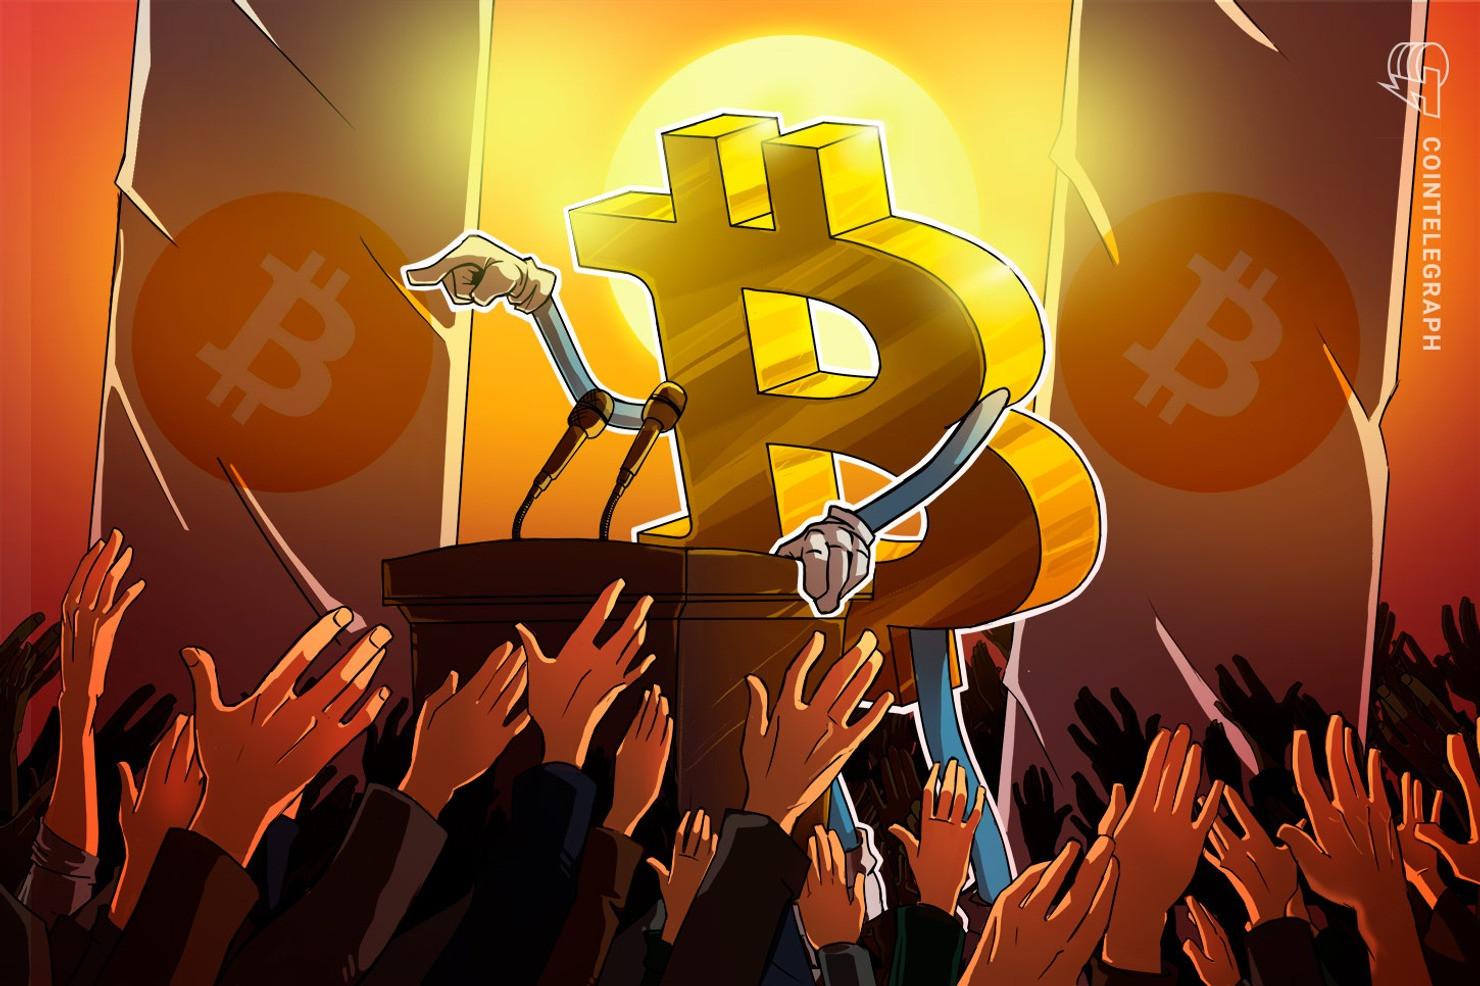 「小さなFOMOがくる」仮想通貨ビットコインにアナリストたちが強気姿勢【仮想通貨相場】